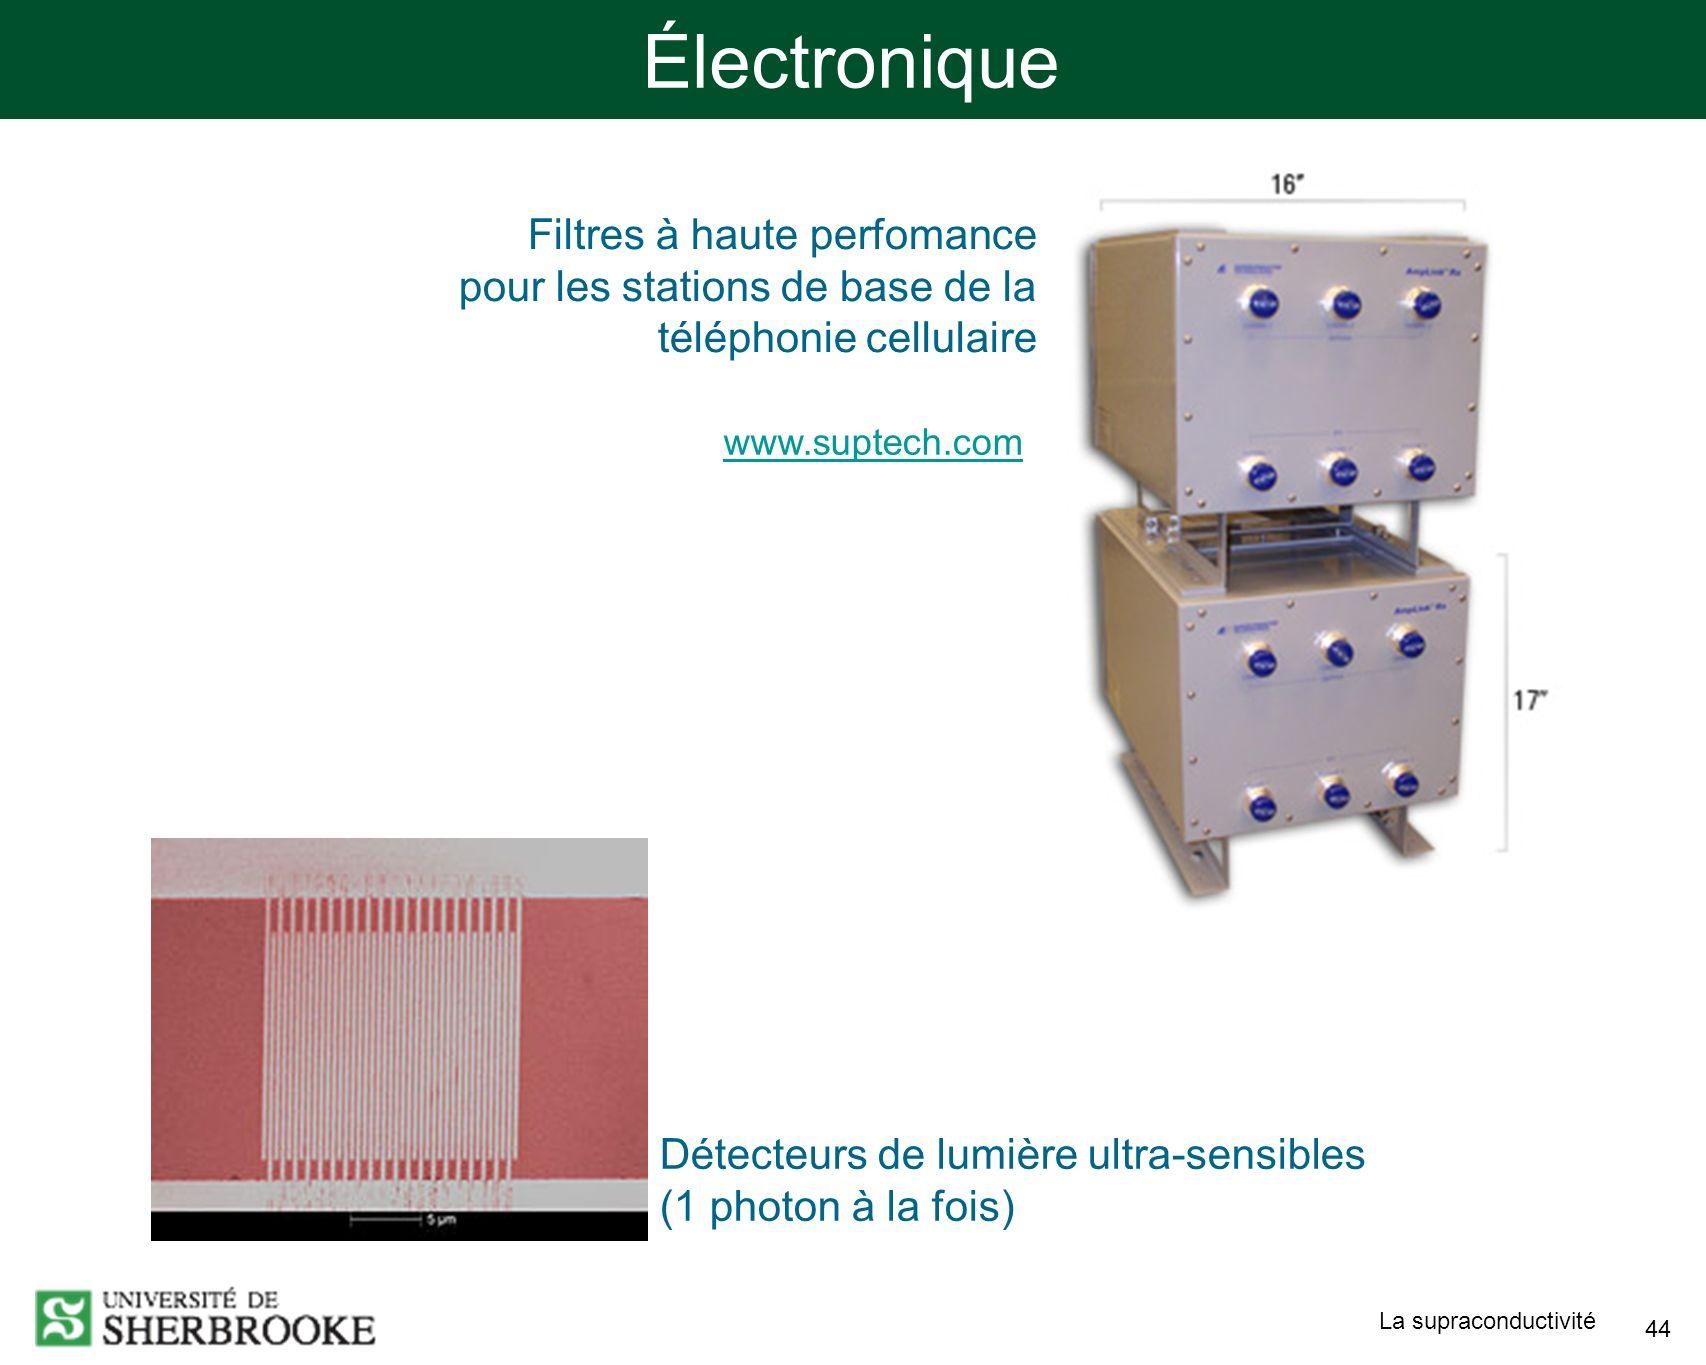 La supraconductivité 44 Électronique www.suptech.com Filtres à haute perfomance pour les stations de base de la téléphonie cellulaire Détecteurs de lumière ultra-sensibles (1 photon à la fois)